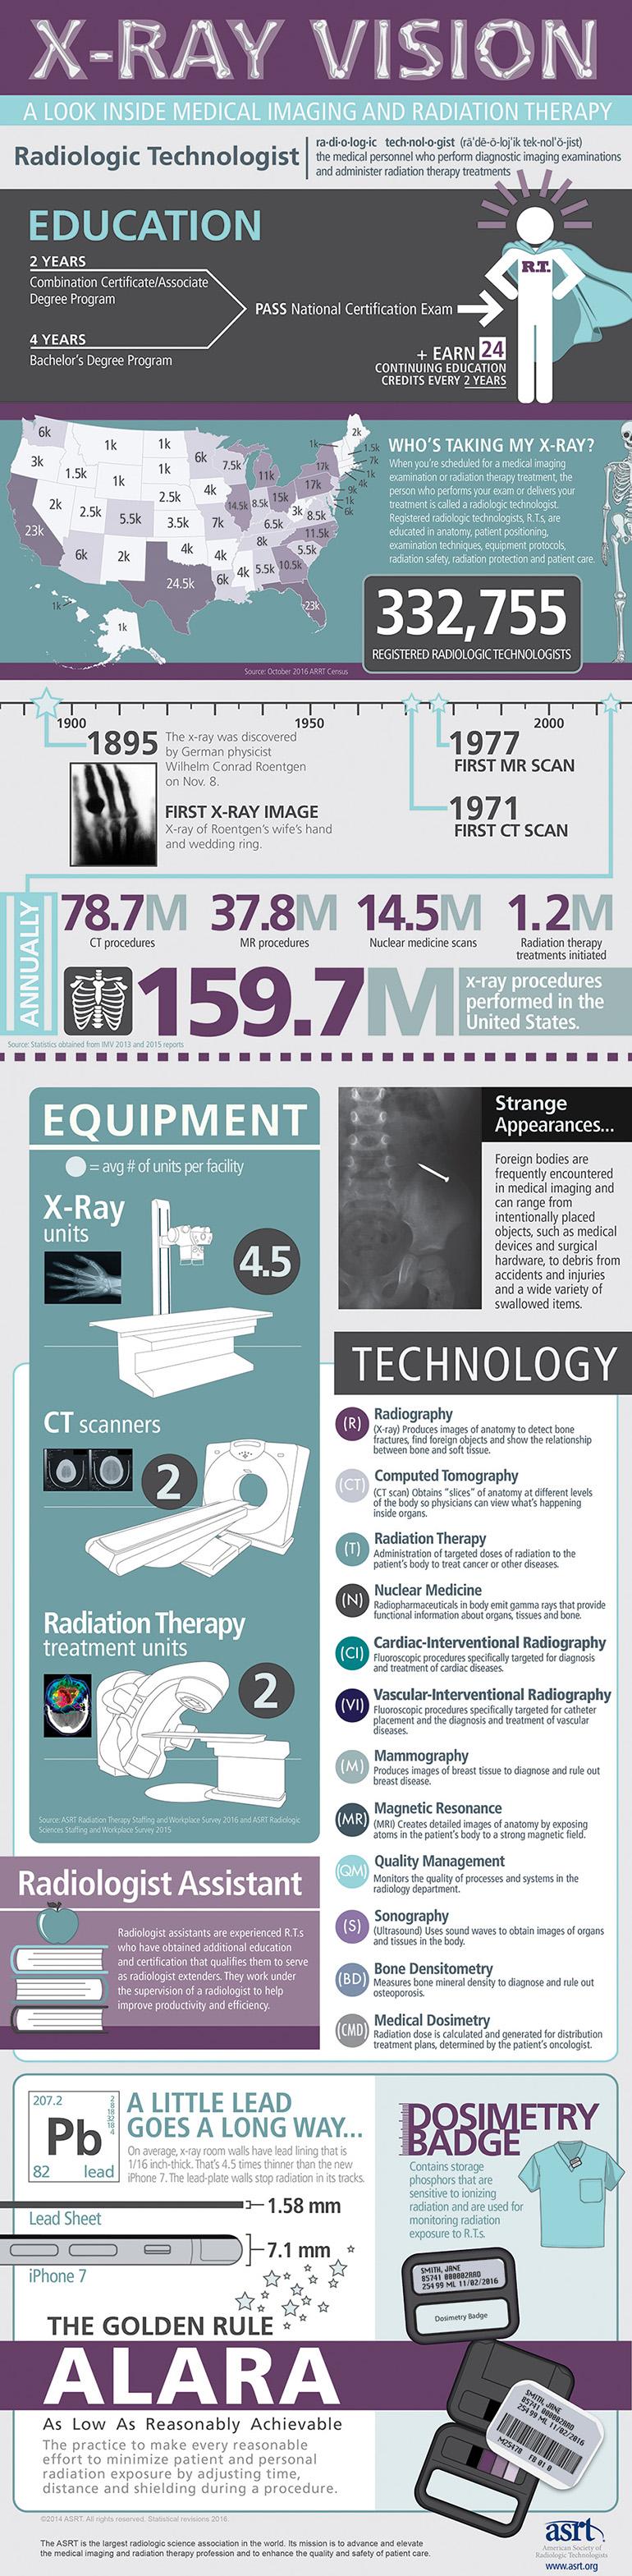 infografia y vision de los rayos x en eeuu